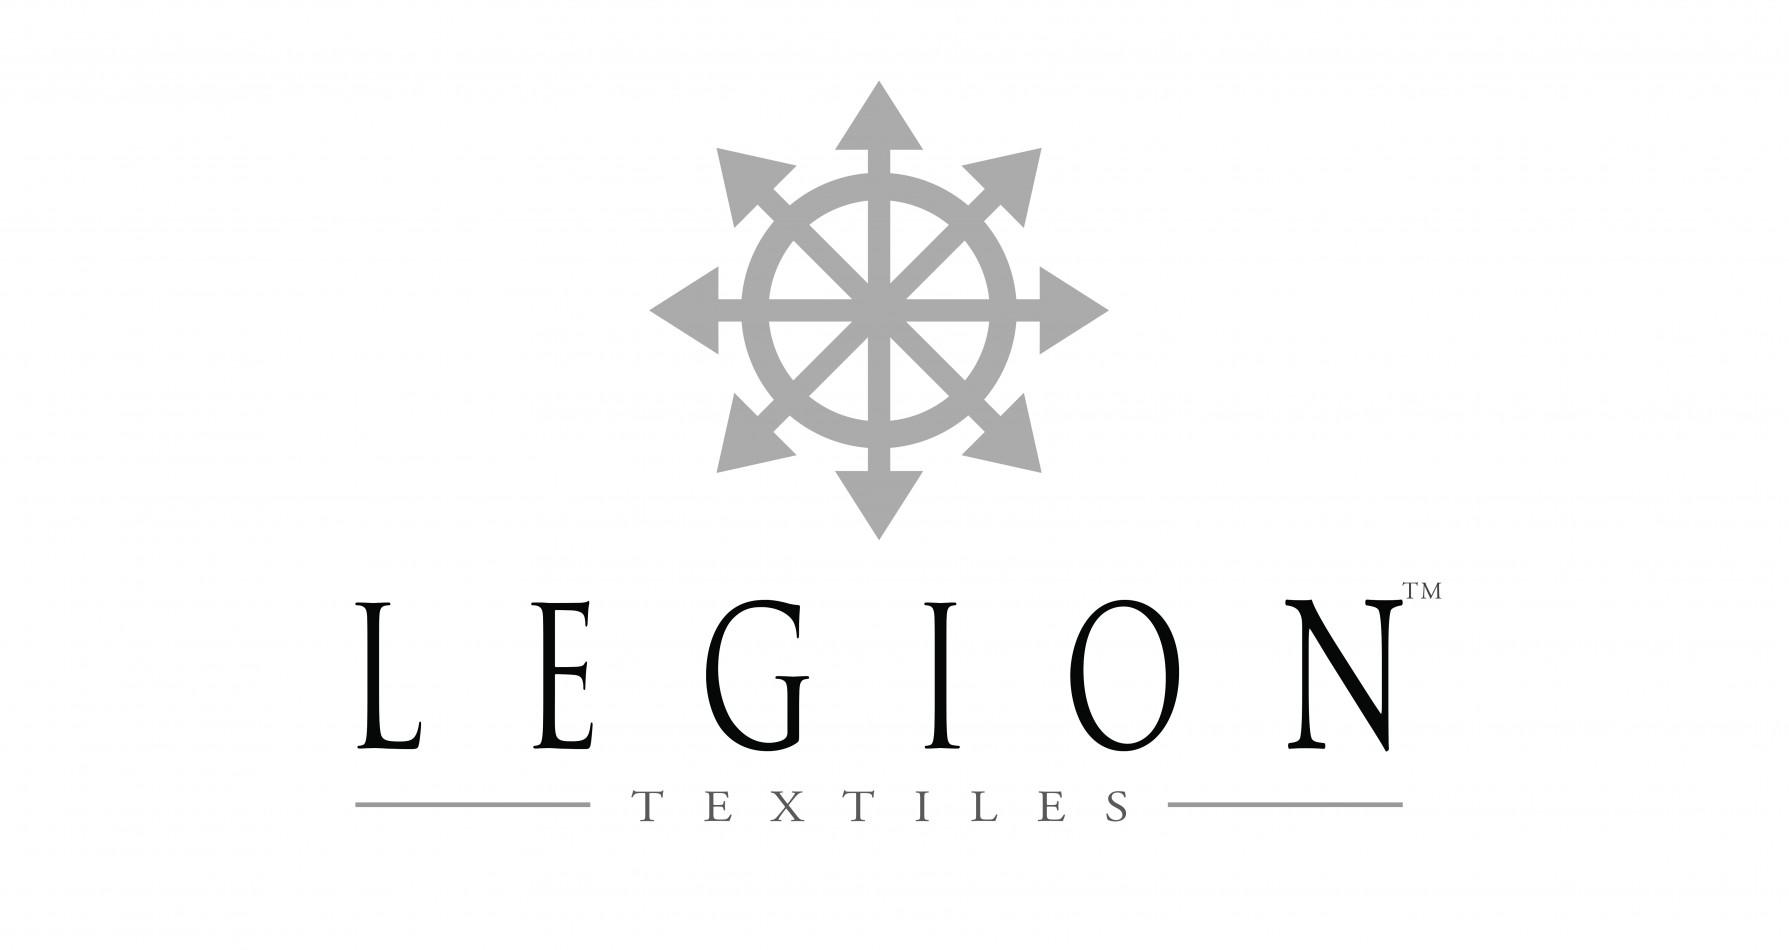 Legion Textiles